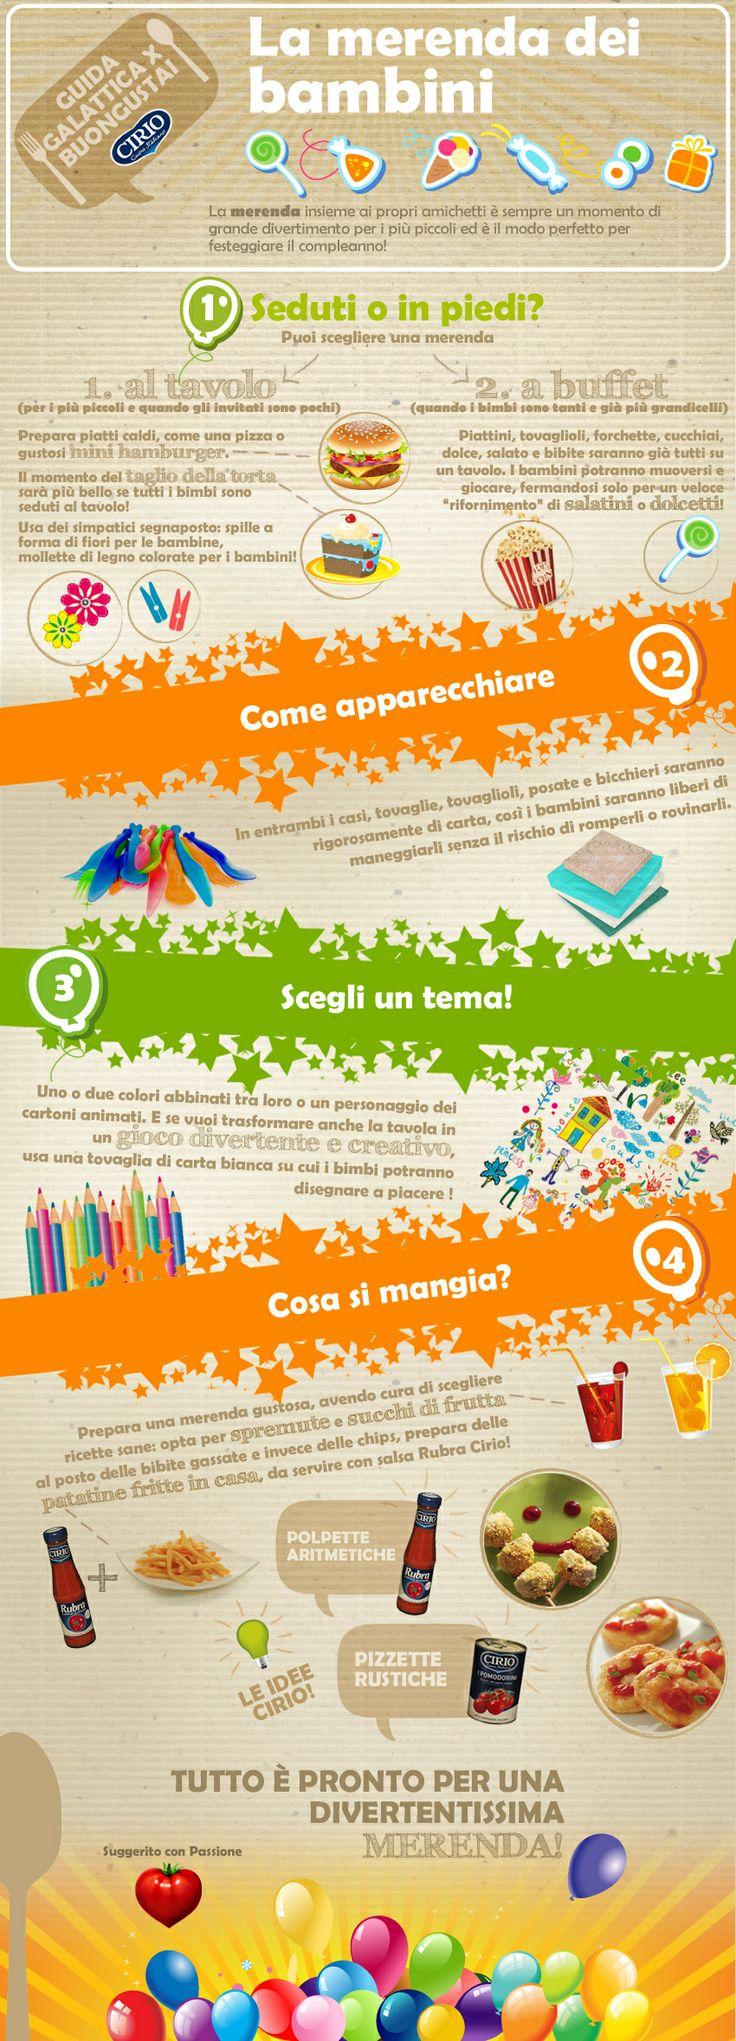 """""""Guida galattica per Buongustai"""" Cirio La merenda dei bambini #children #merenda #infographic"""